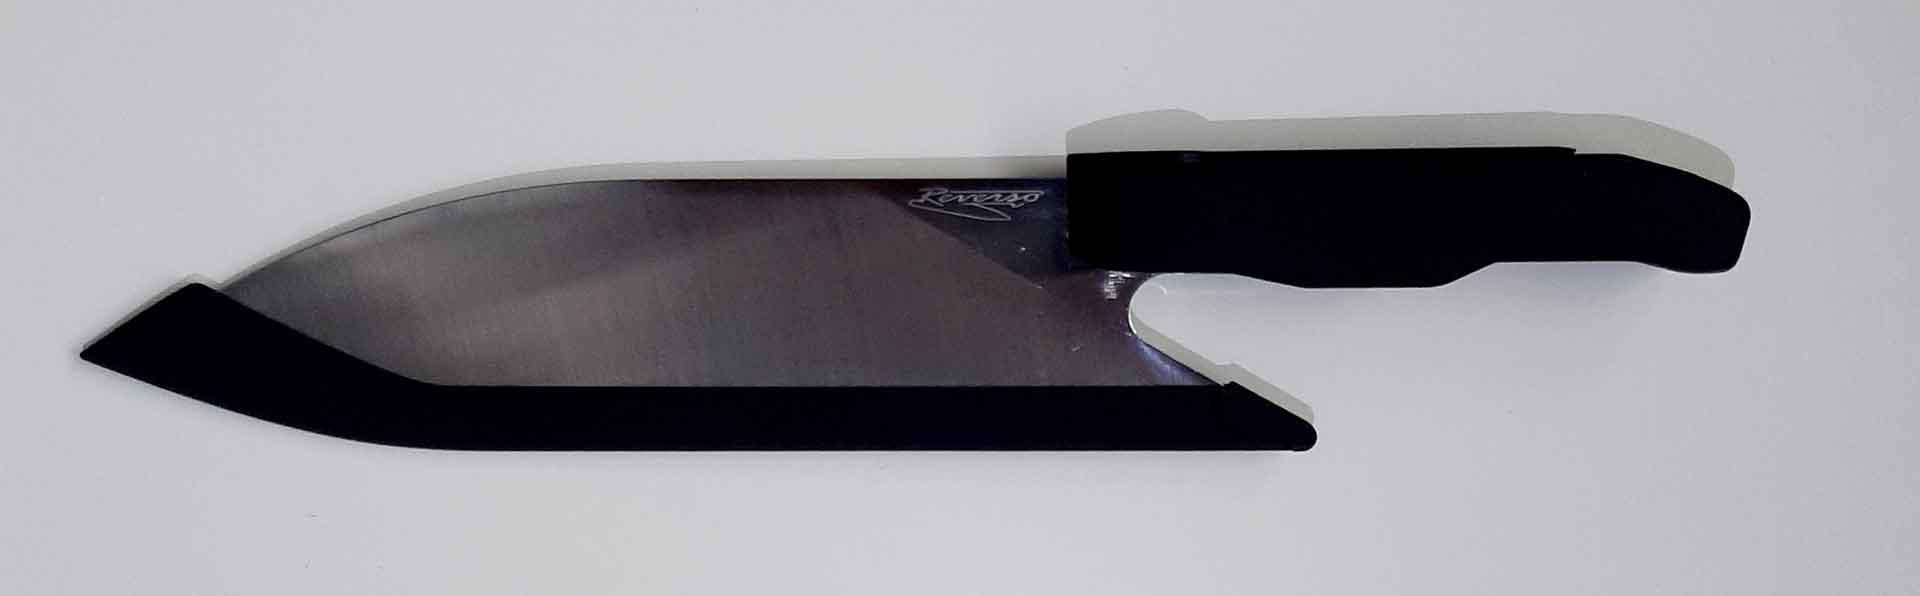 coltello reverso manico fisso oz(1)